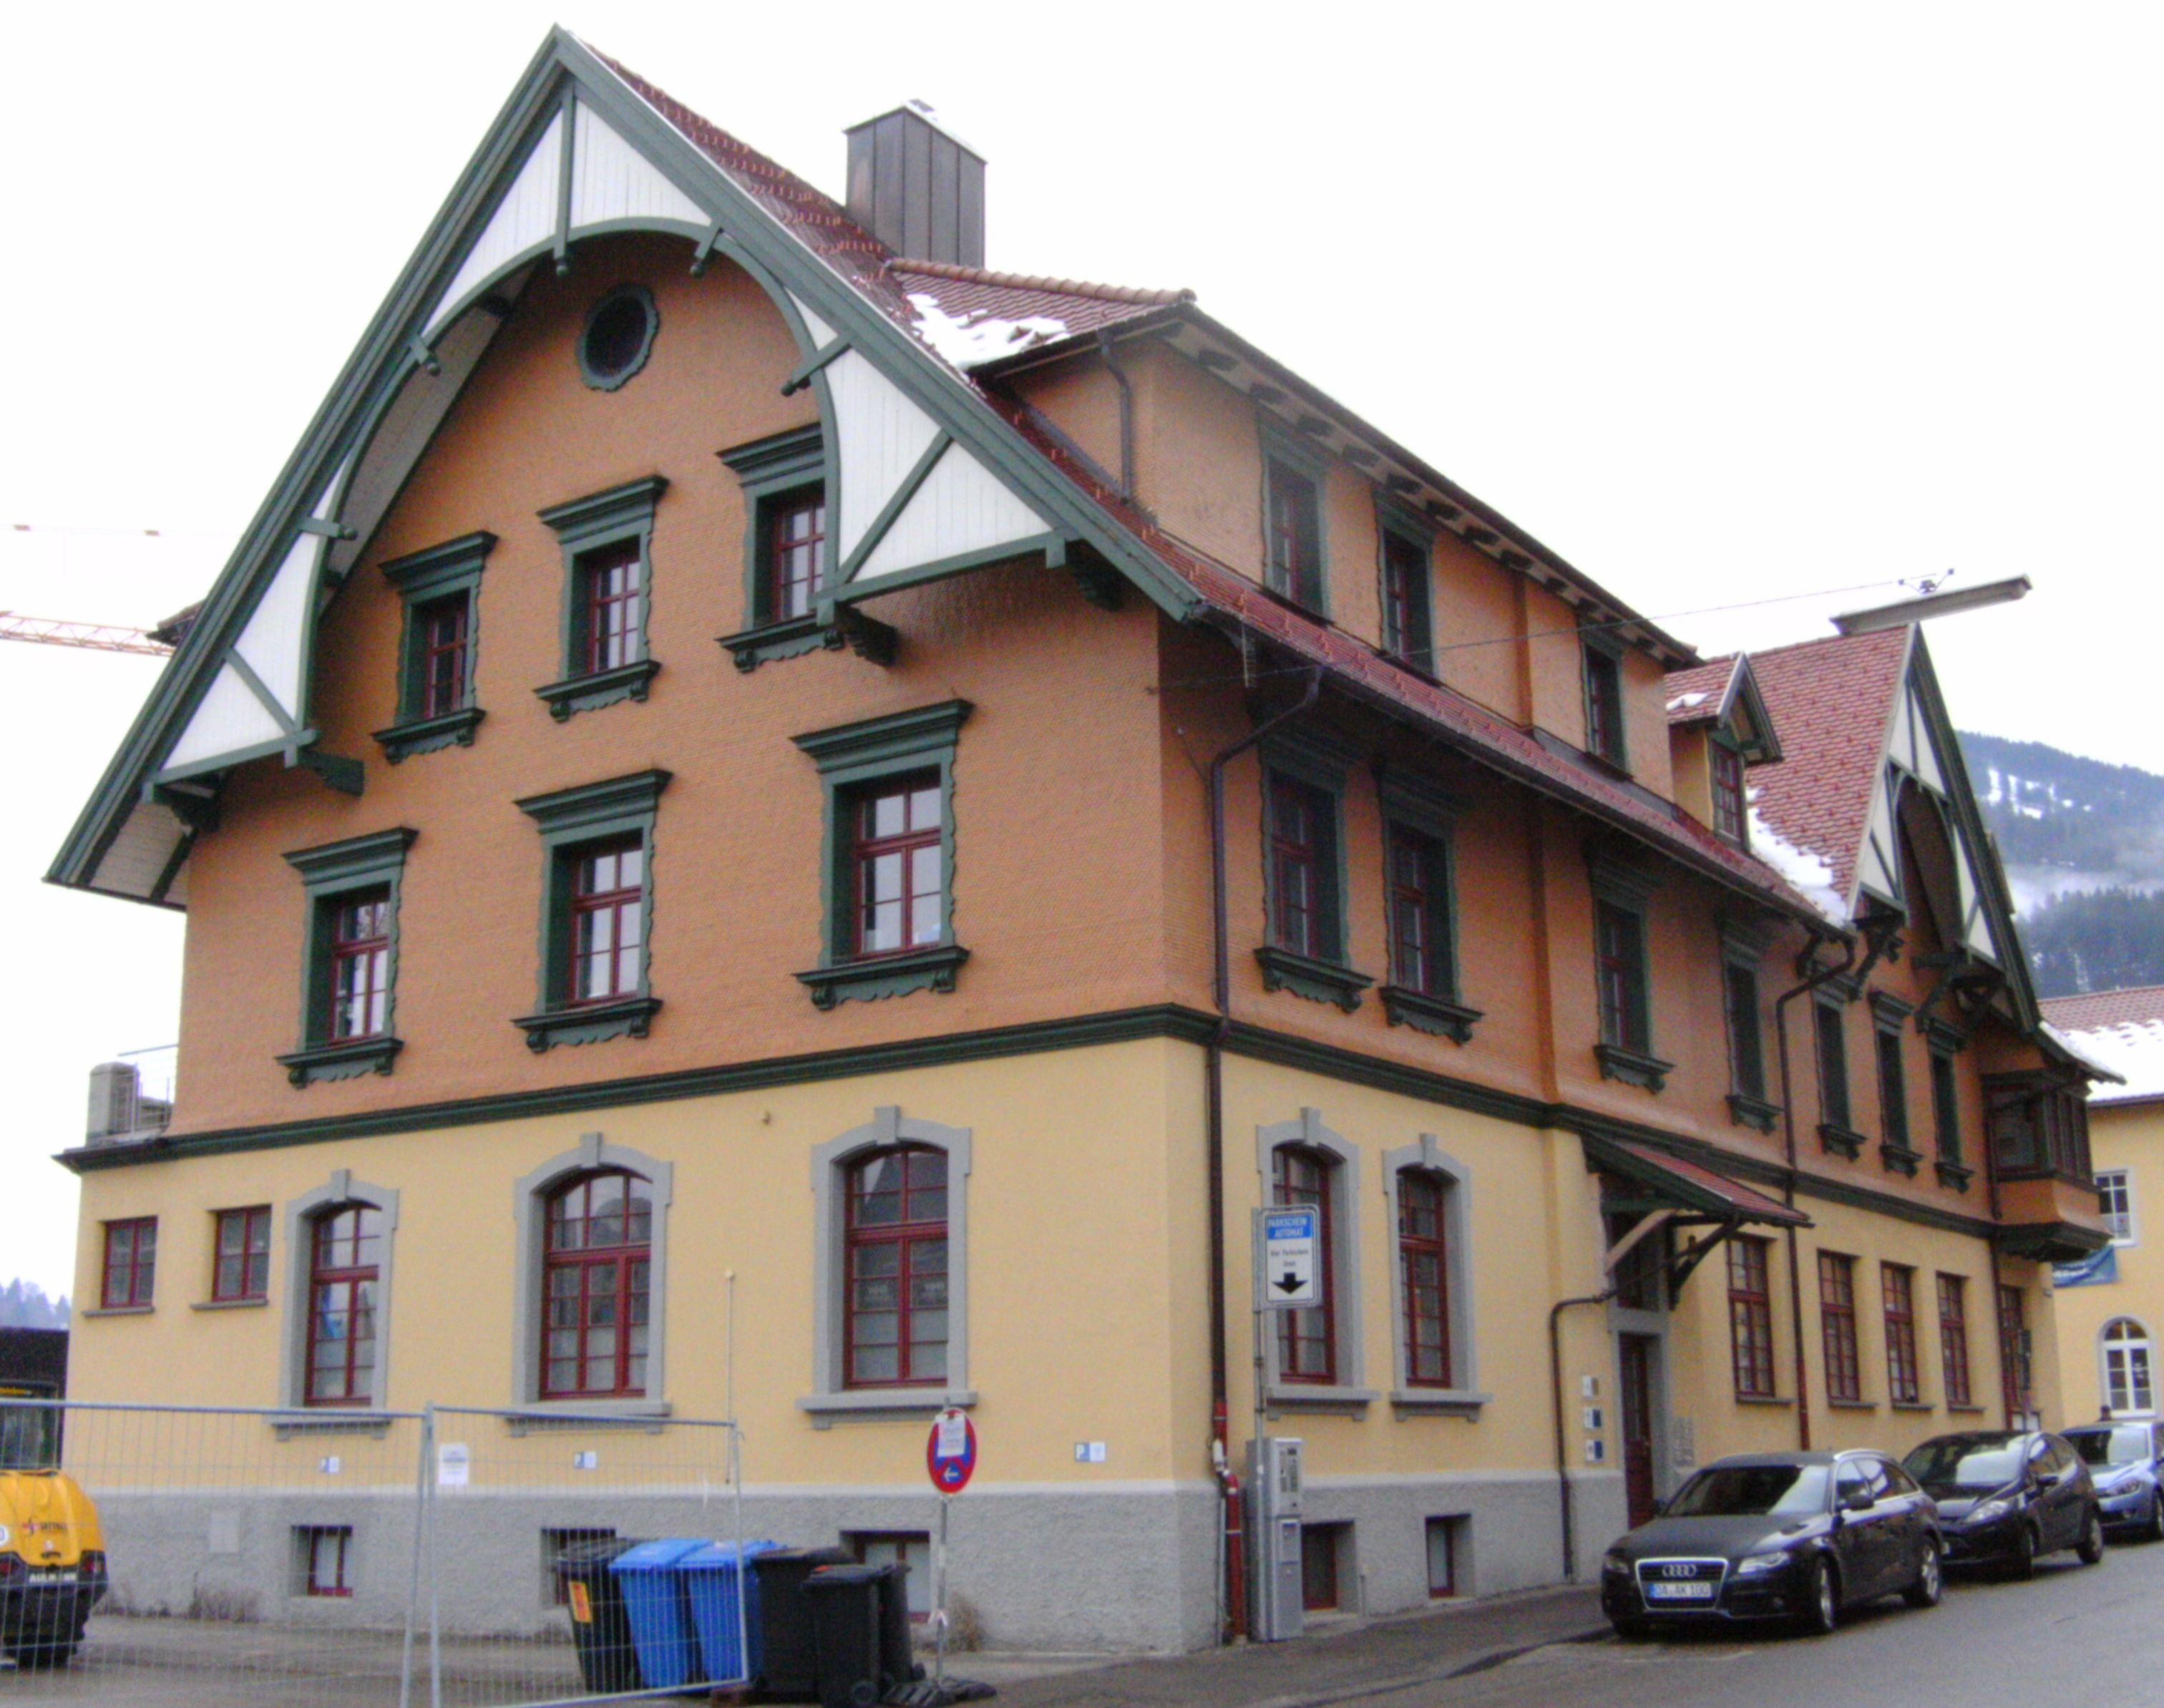 Liste der Baudenkmäler in Immenstadt im Allgäu